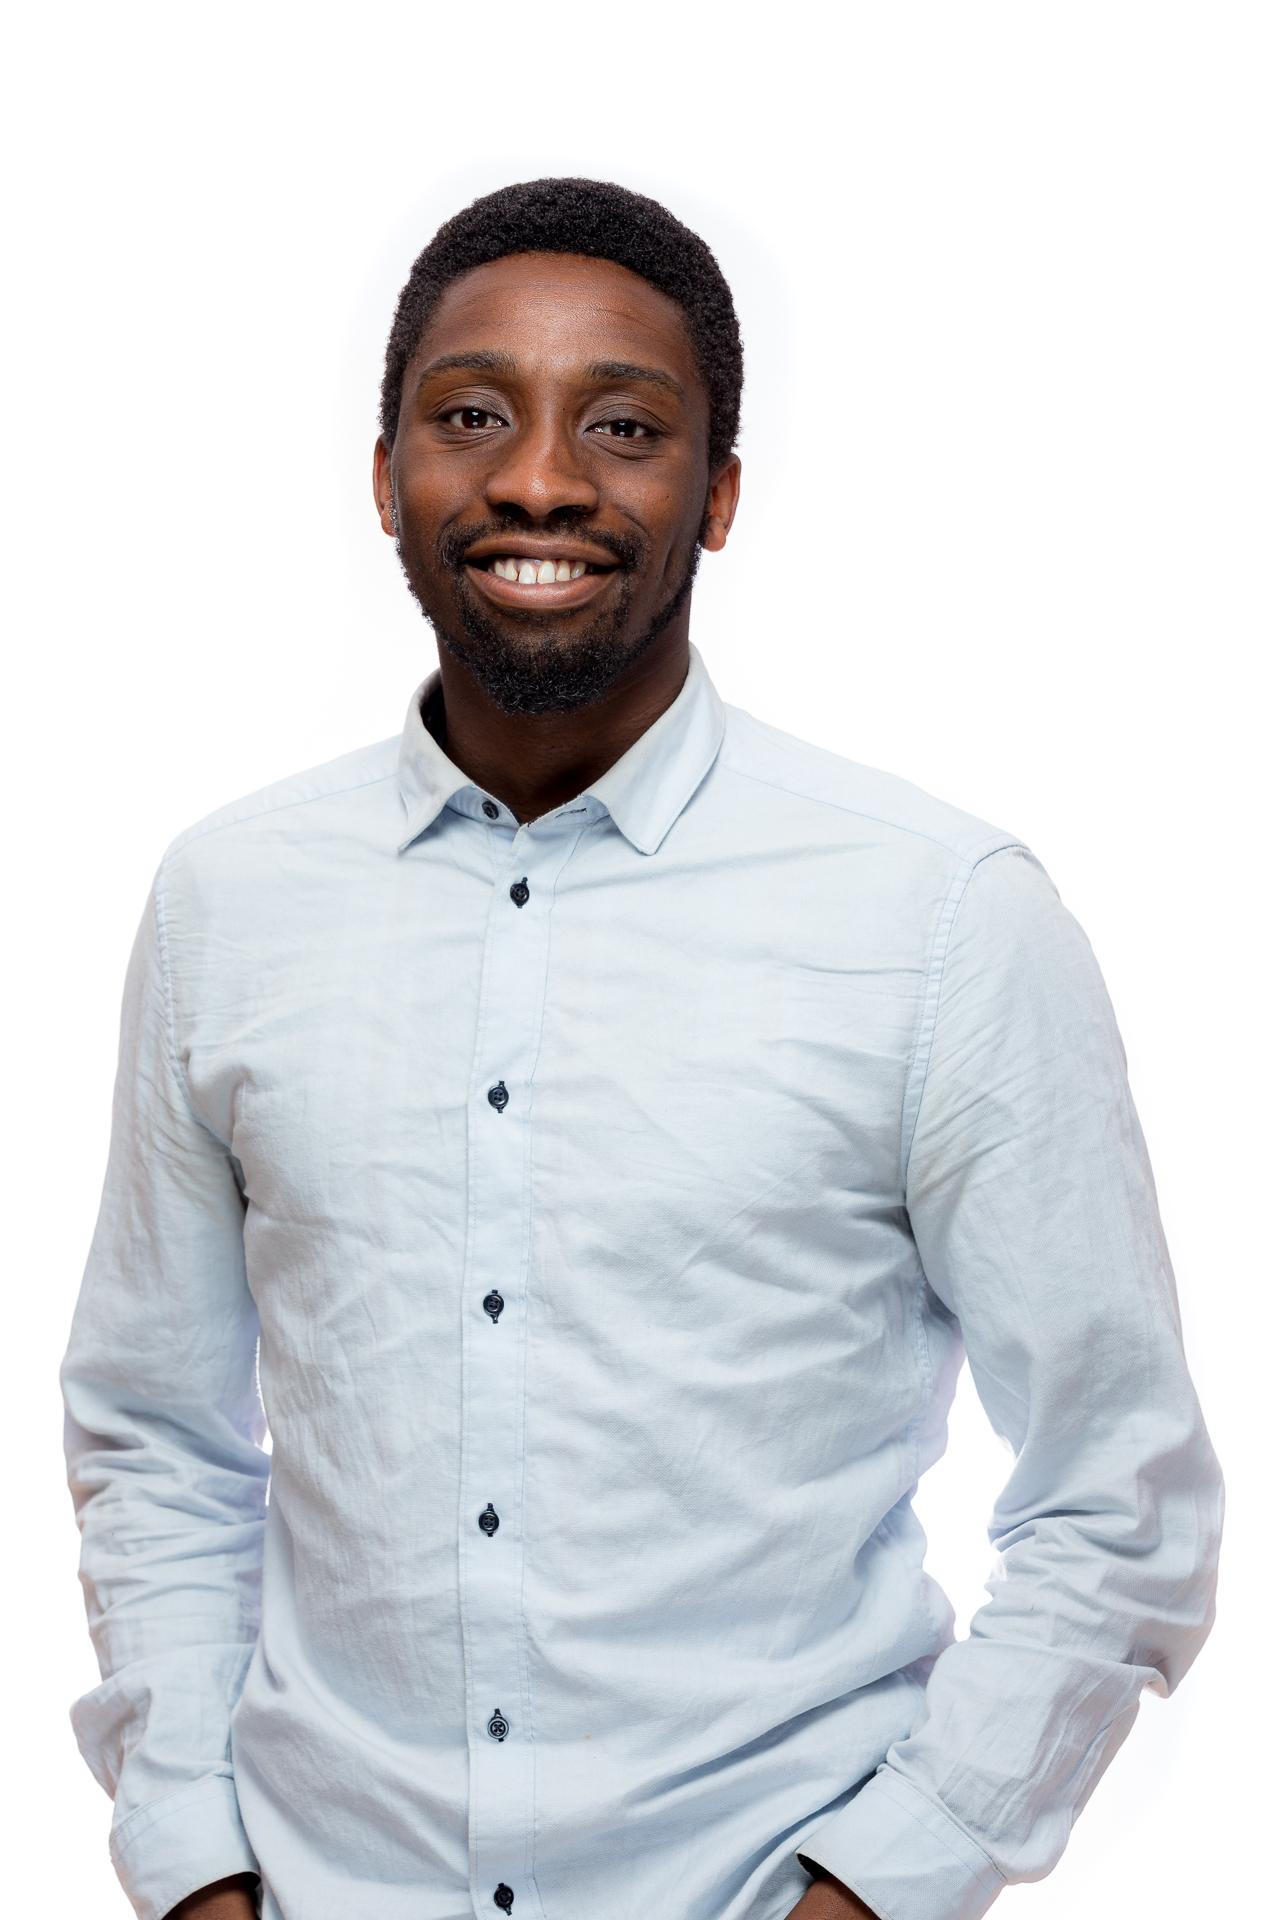 Mr T Abiloye